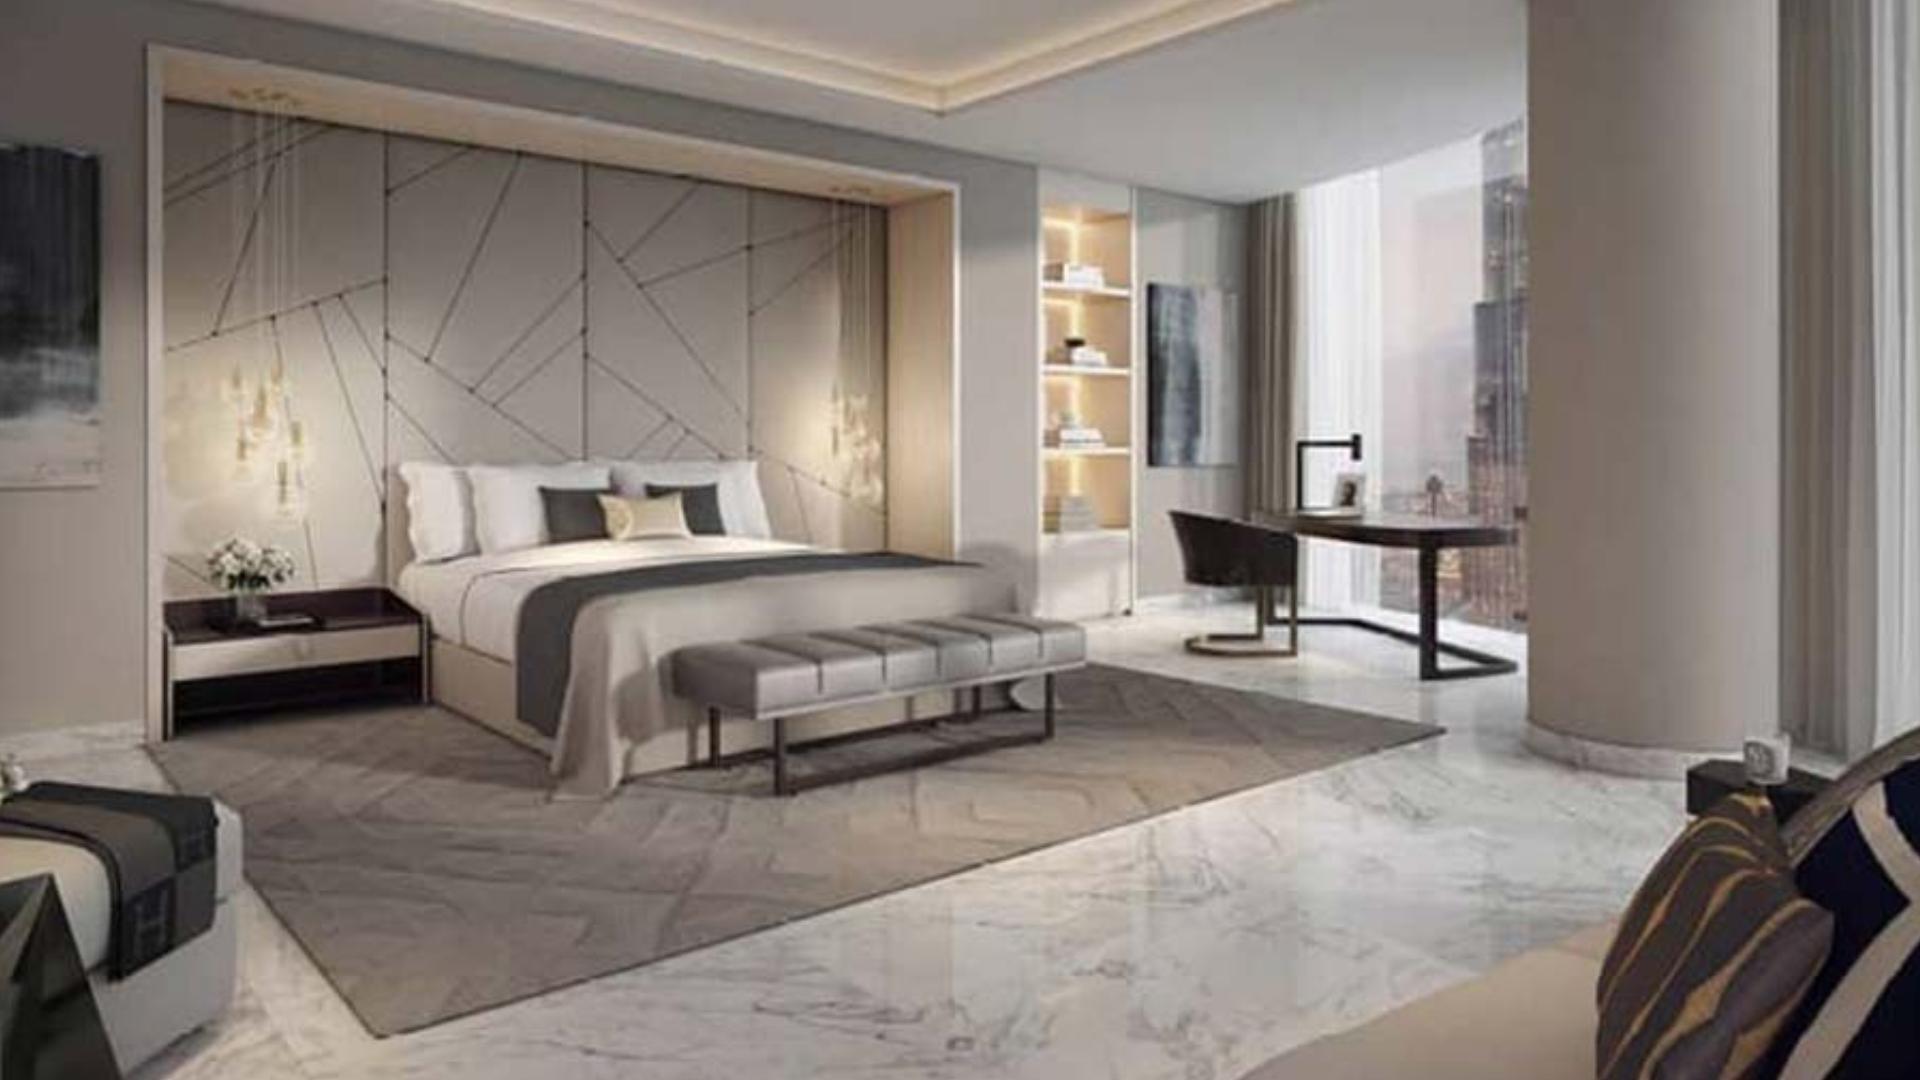 Apartamento en venta en Dubai, EAU, 1 dormitorio, 74 m2, № 24336 – foto 1